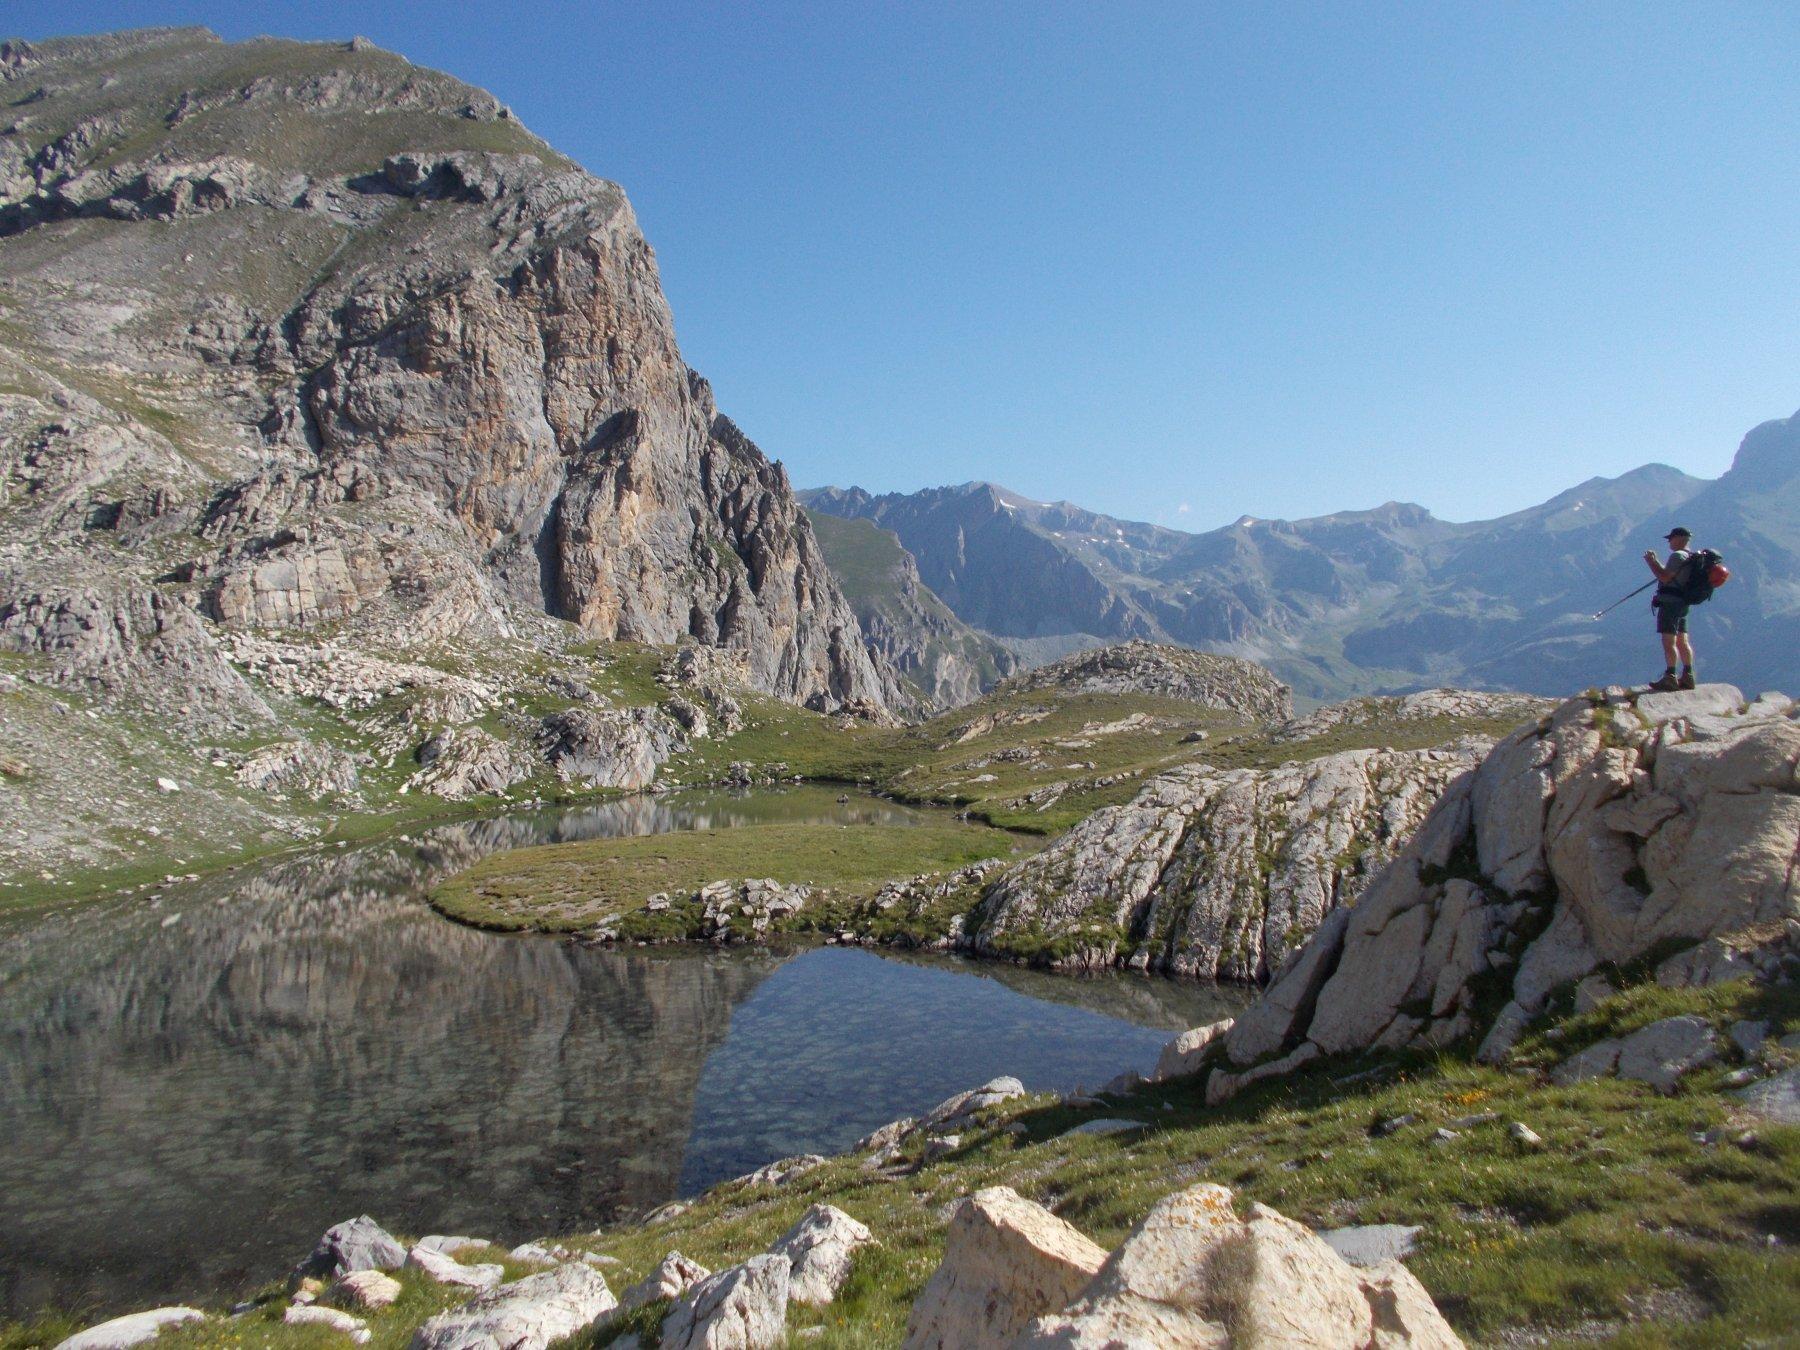 al lago la Niera..un angolo di pace..